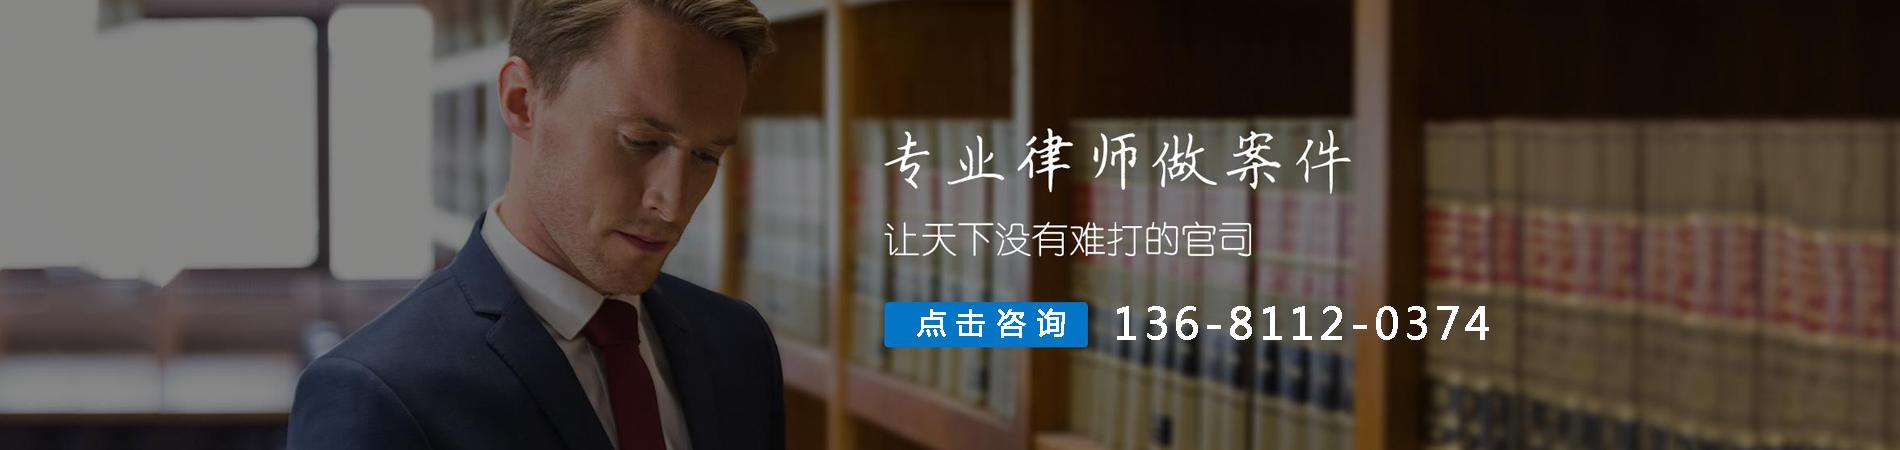 北京合同纠纷律师免费咨询